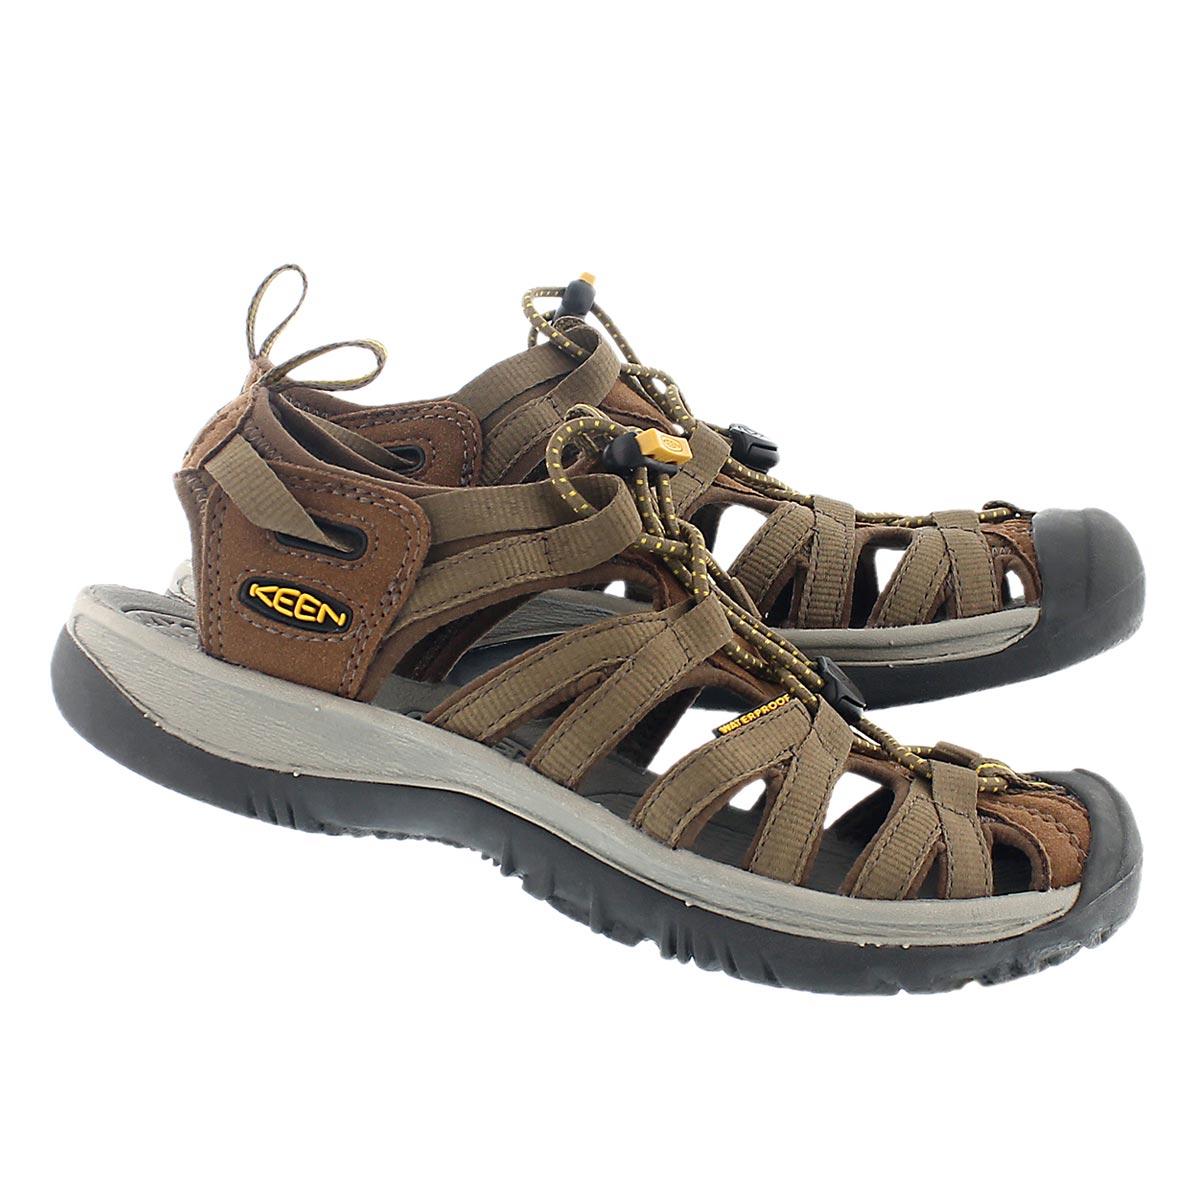 Lds Whisper cof/brn sport sandal